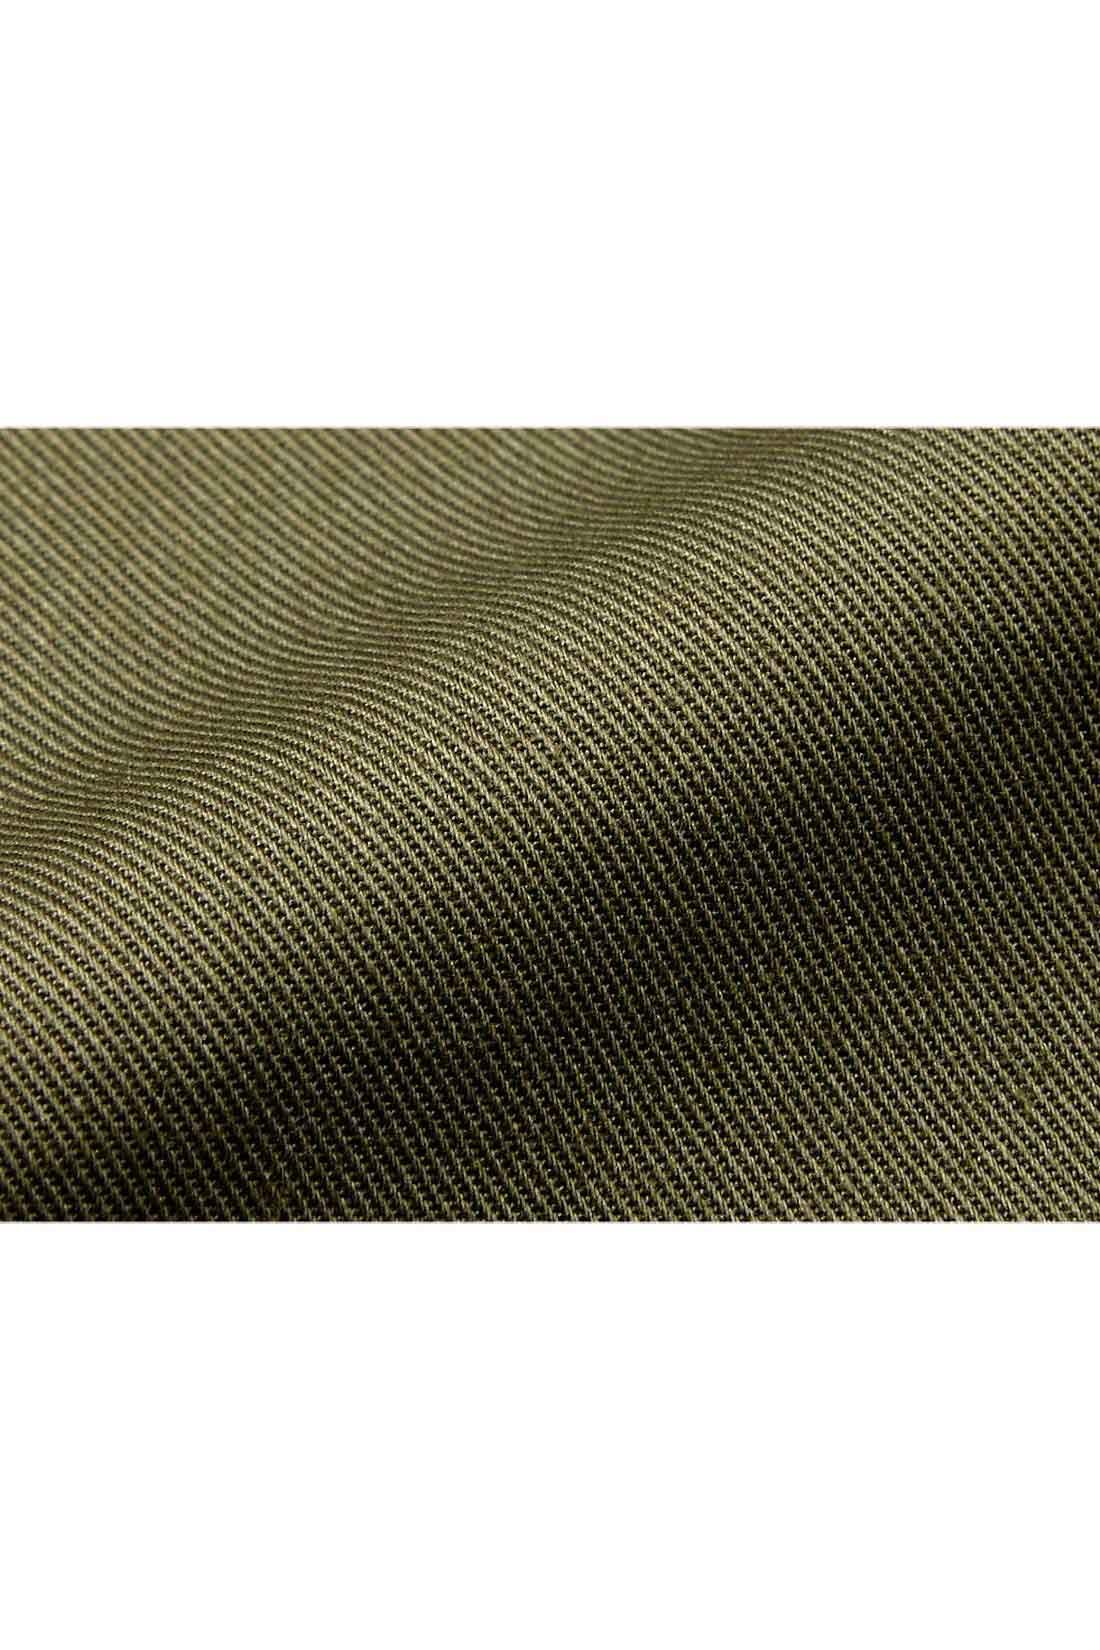 ほどよい厚みのストレッチツイル 目の詰まったキレイ目ツイルなので、カジュアルになりすぎず、大人っぽく着られます。